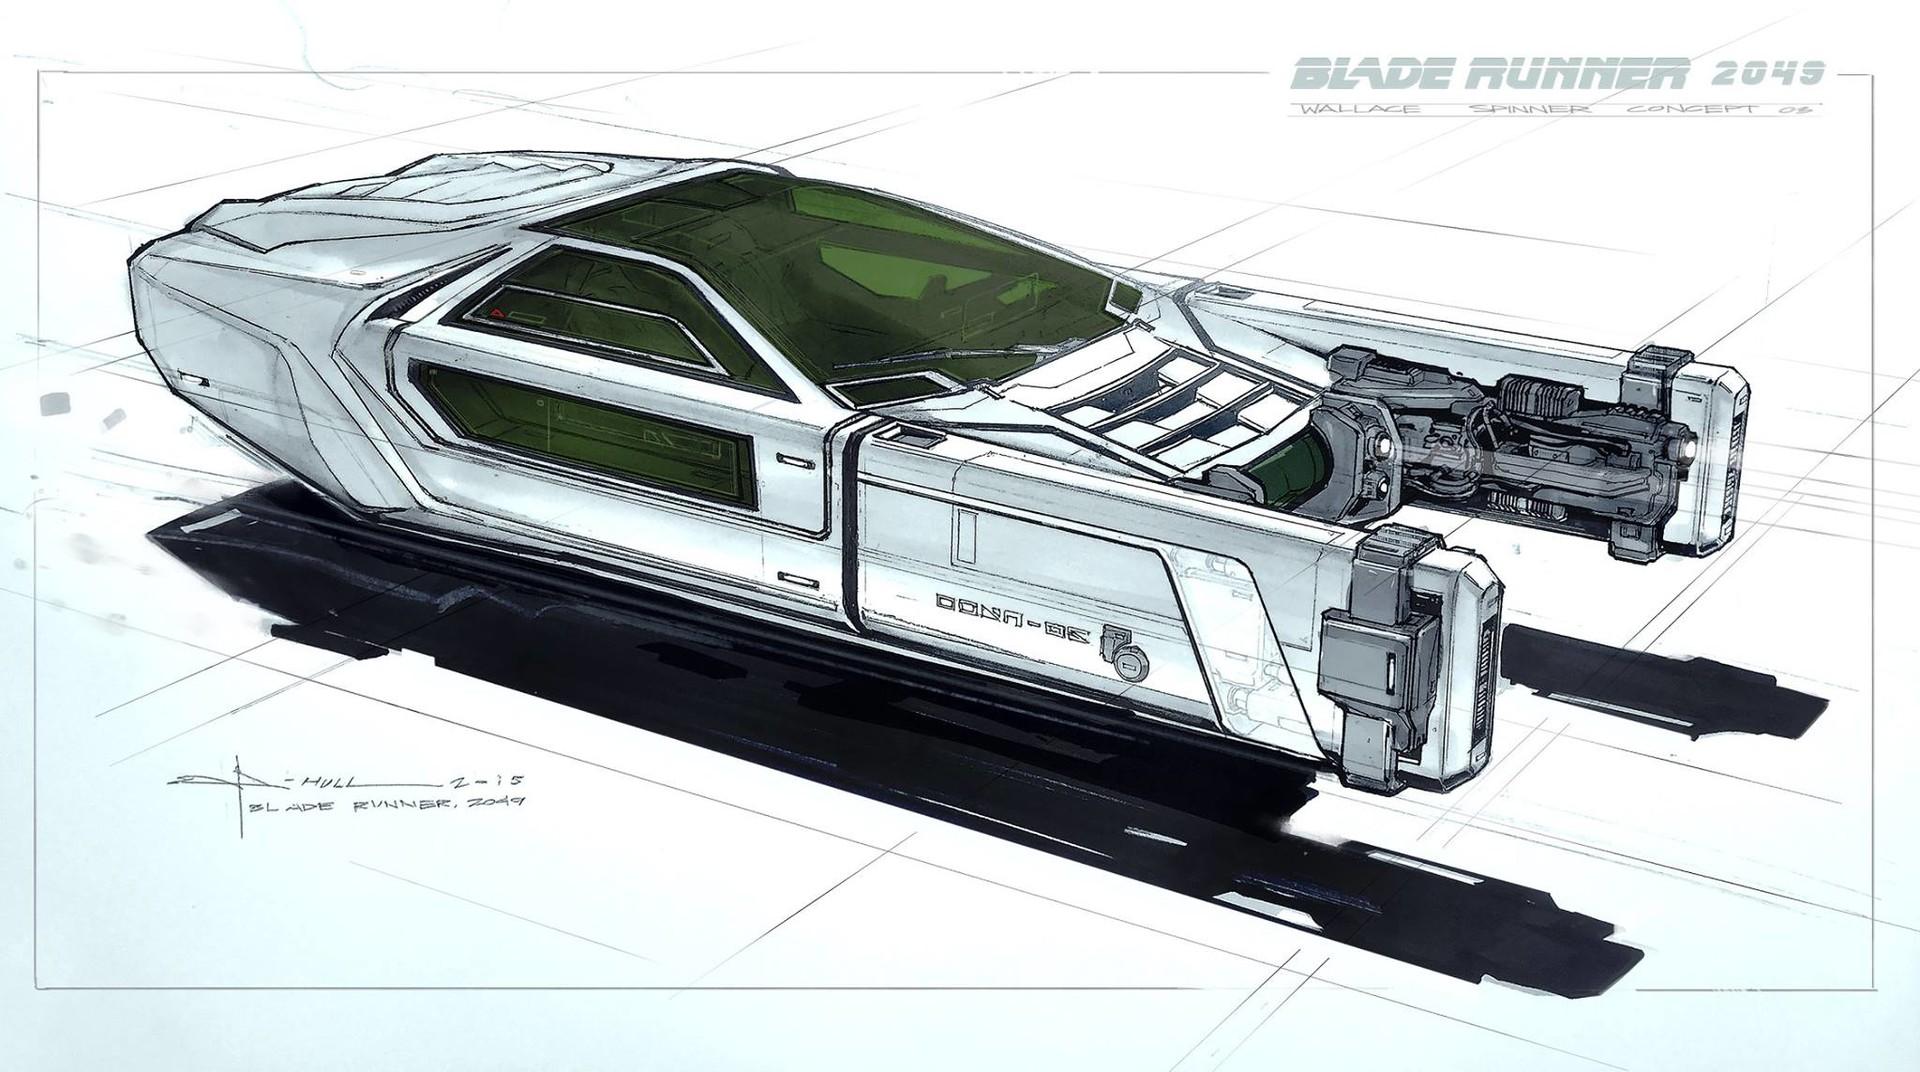 artstation blade runner 2049 concept art george hull. Black Bedroom Furniture Sets. Home Design Ideas